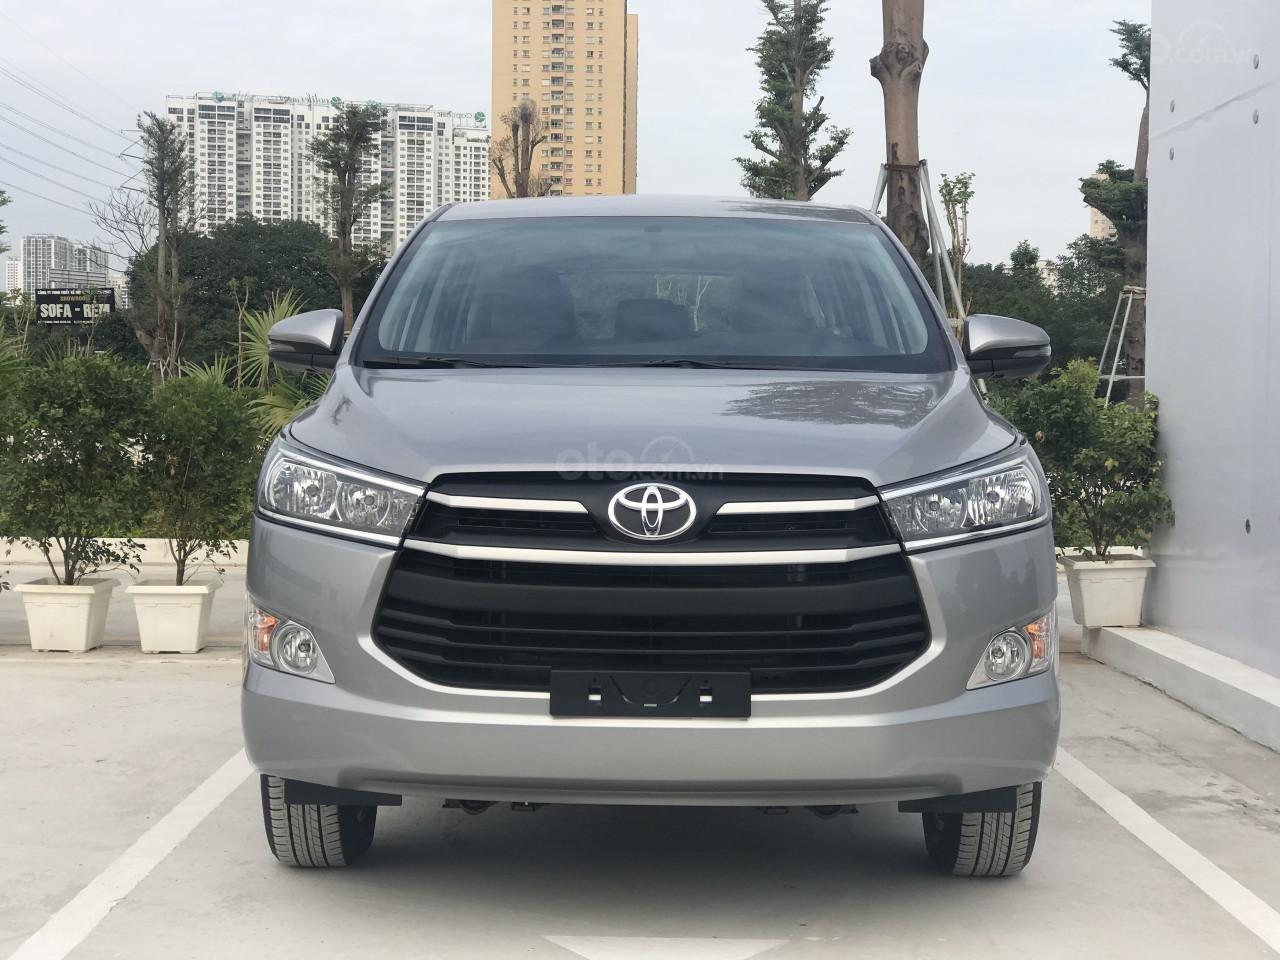 Toyota Innova 2019 số sàn - khuyến mãi lớn, trừ tiền và phụ kiện - Trả góp từ 6tr/tháng. LH 0942.456.838 (1)